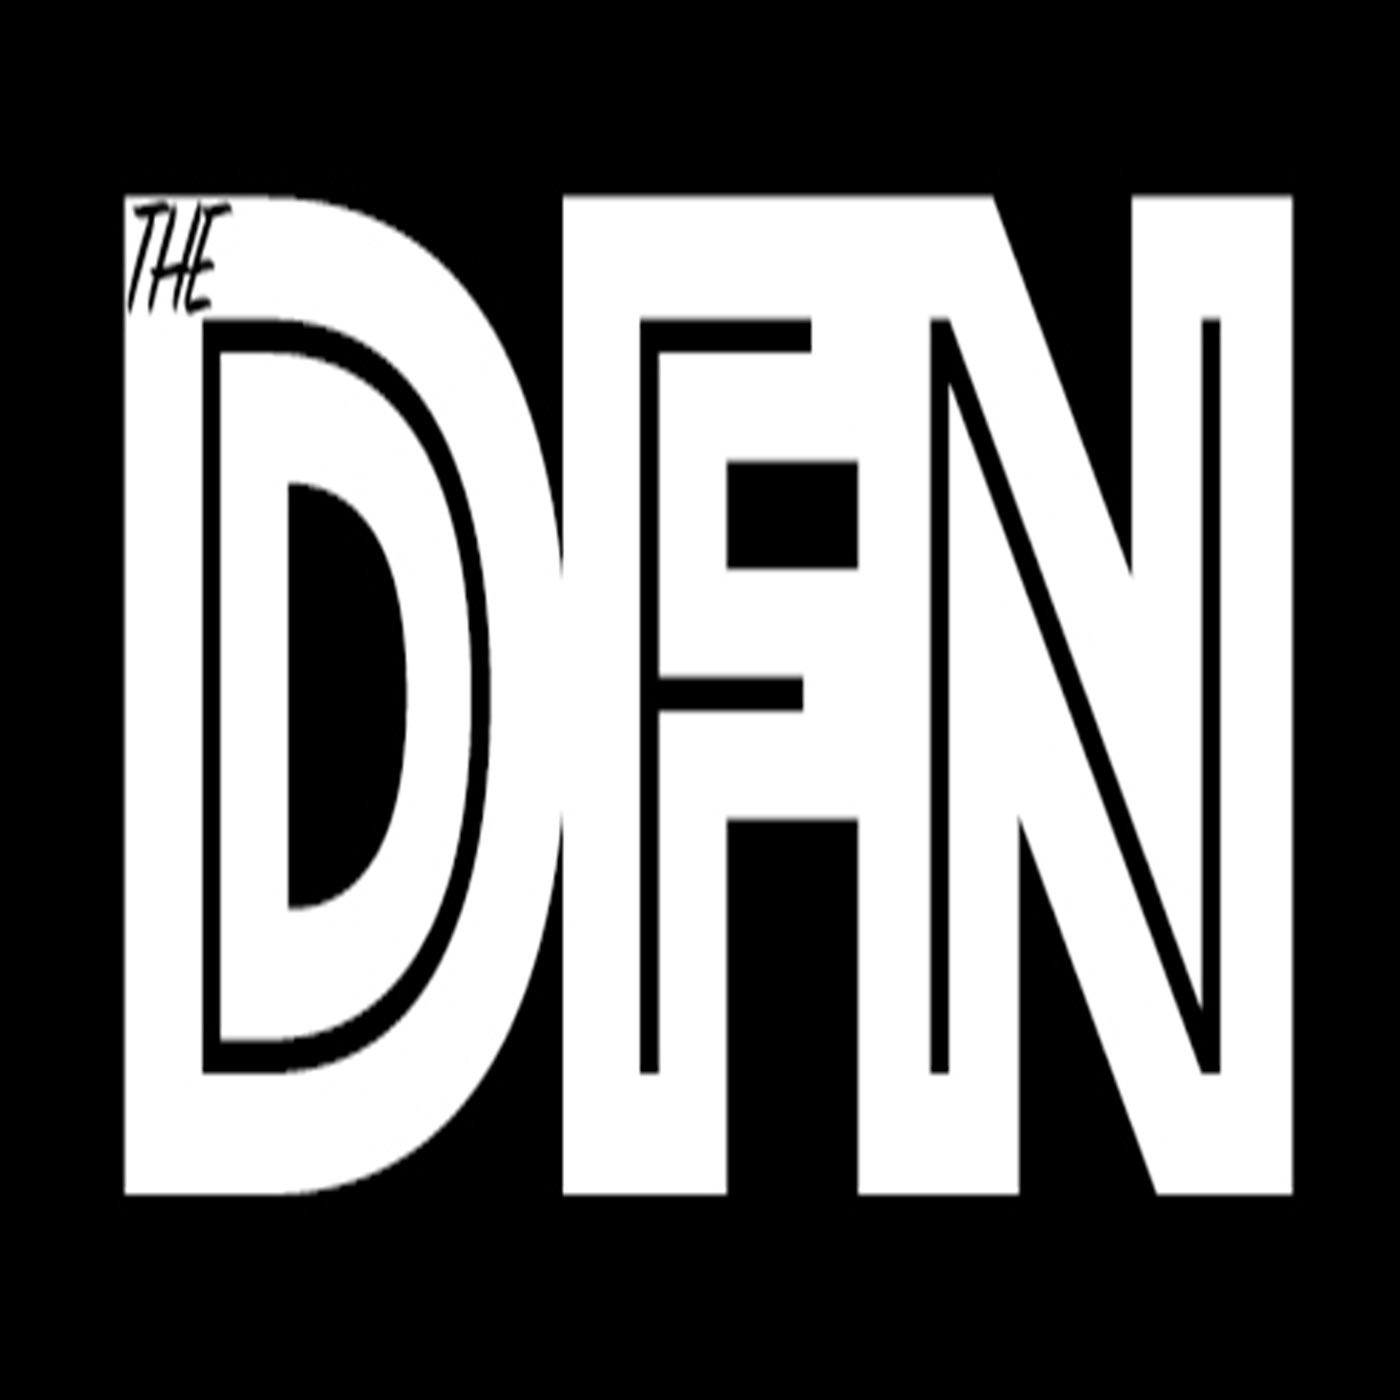 The Damn Fine Network show art